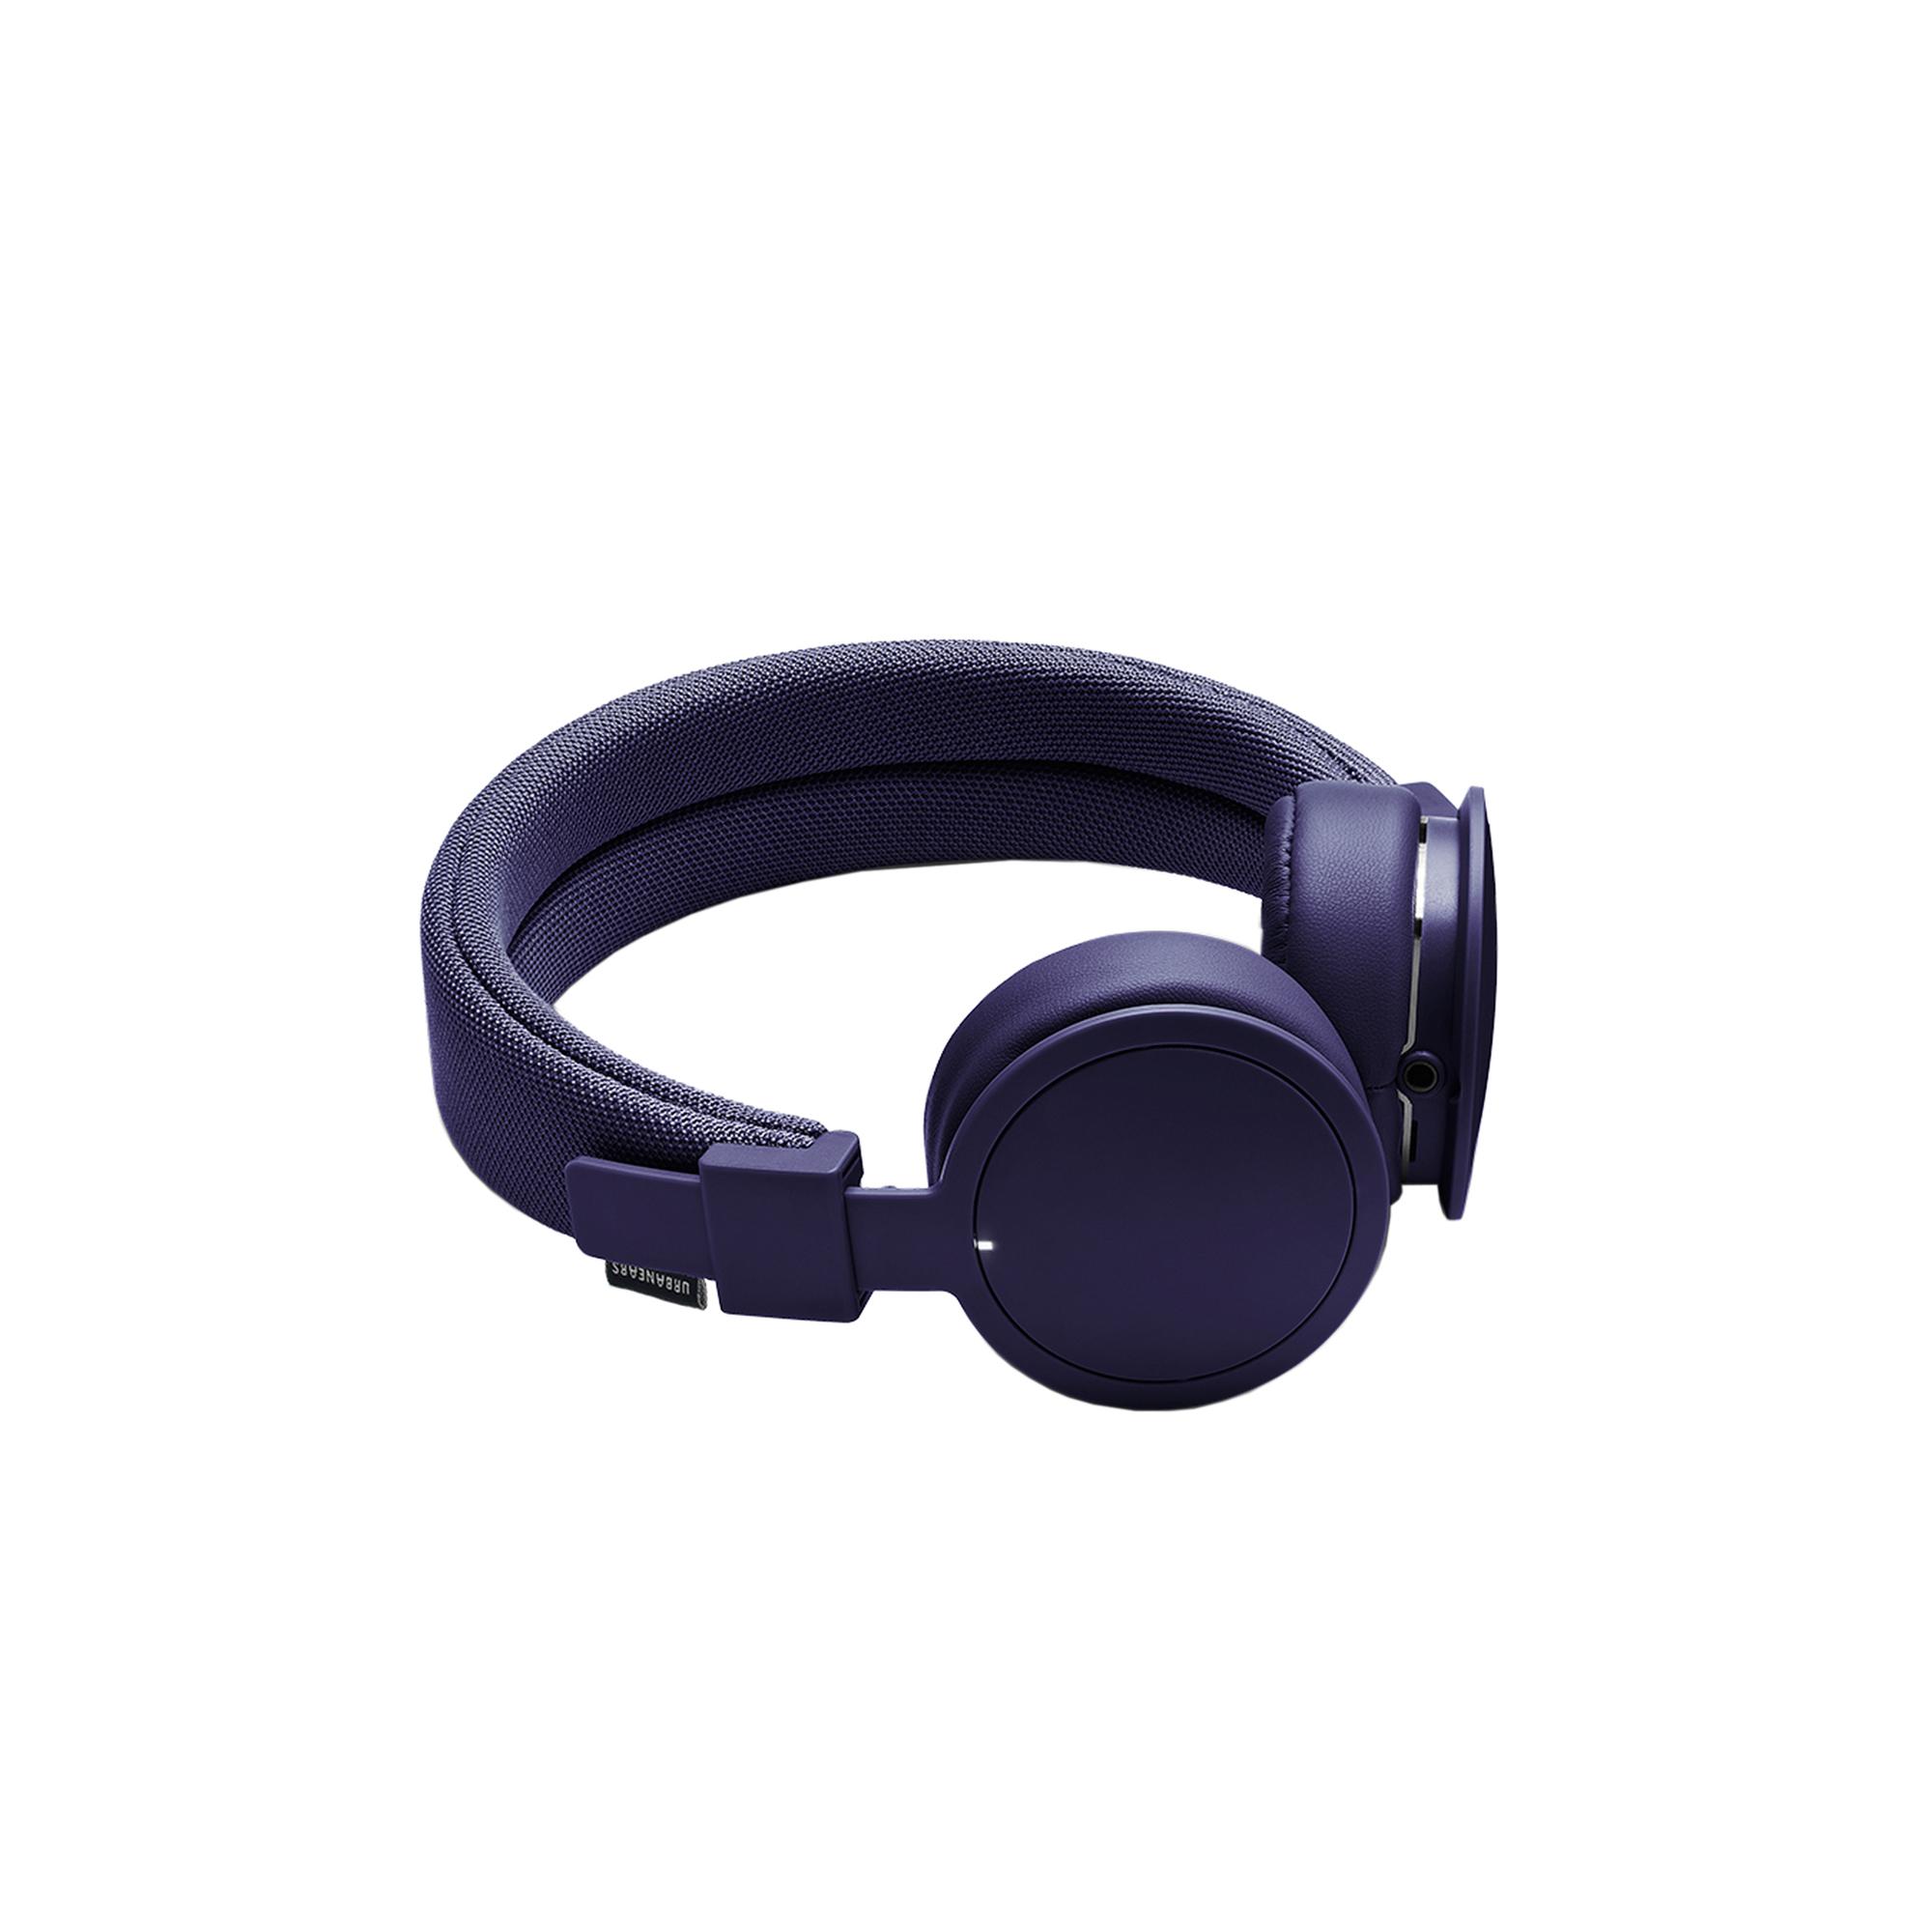 Urbanears Plattan Adv Wireless On Ear Headphones In Eclipse Blue Ii Powder Pink Tekzone